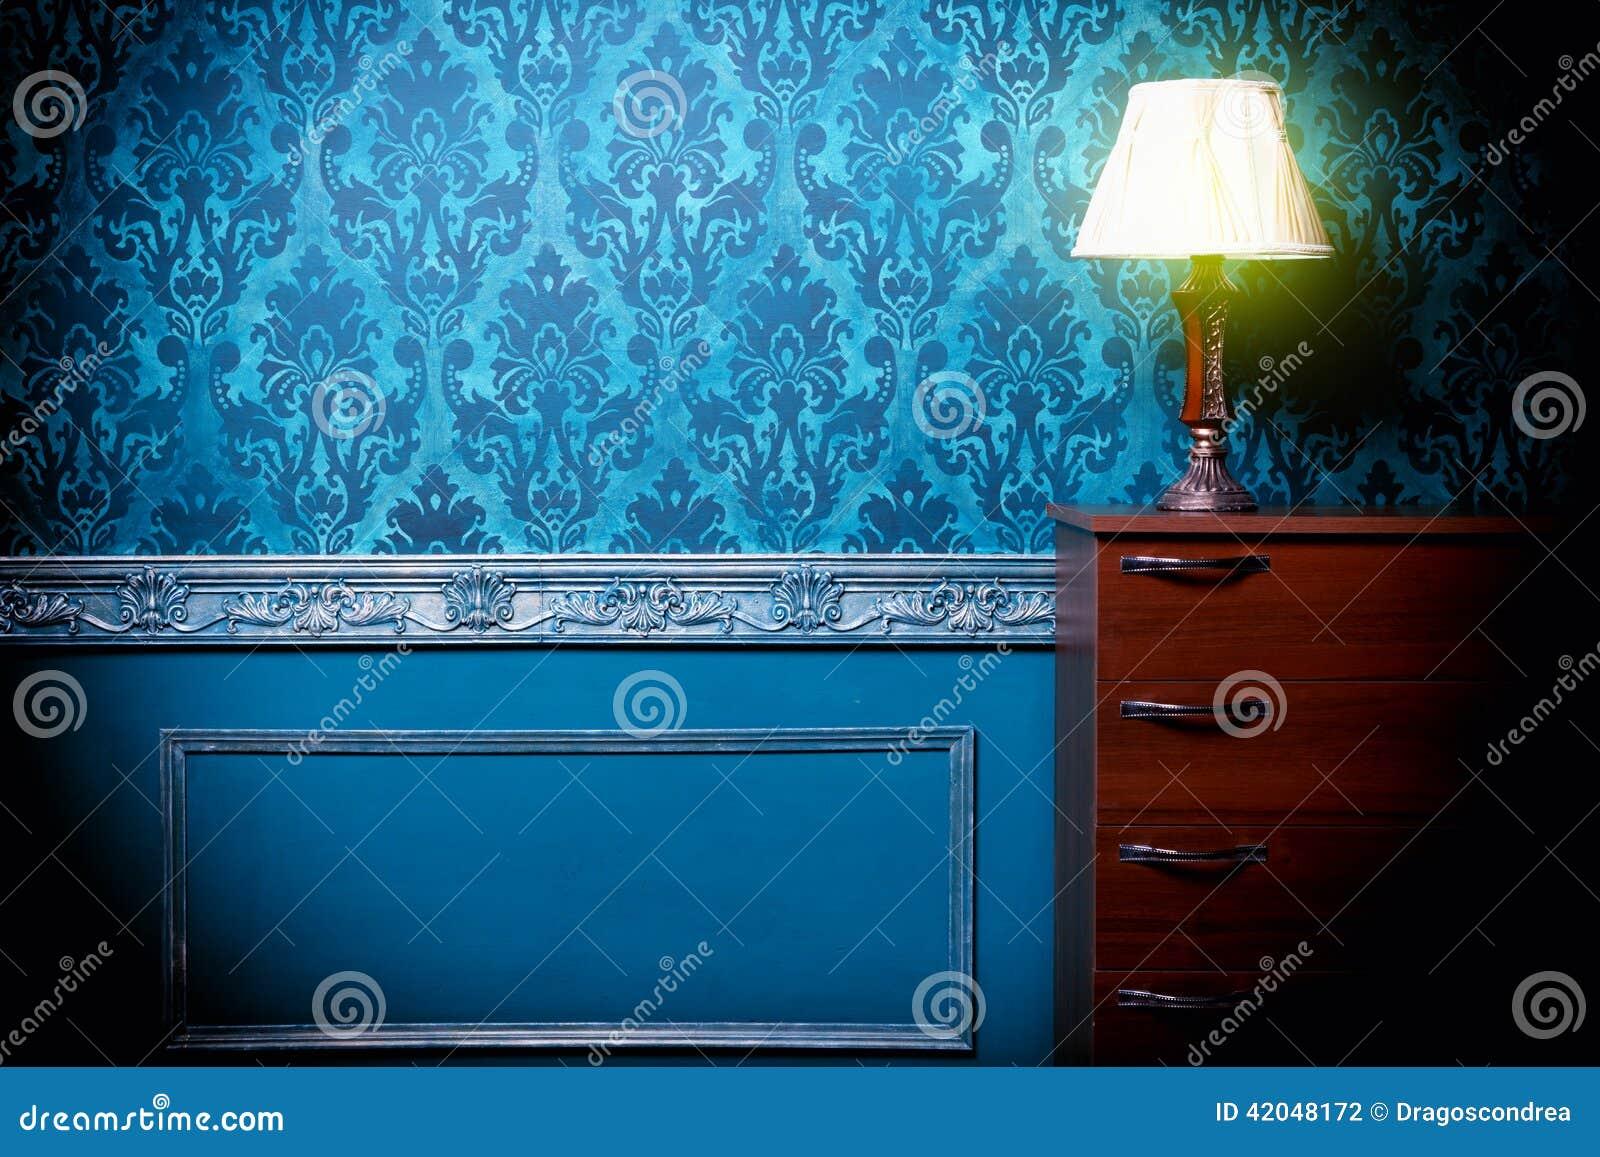 La lámpara del vintage en azul retro entonó el interior